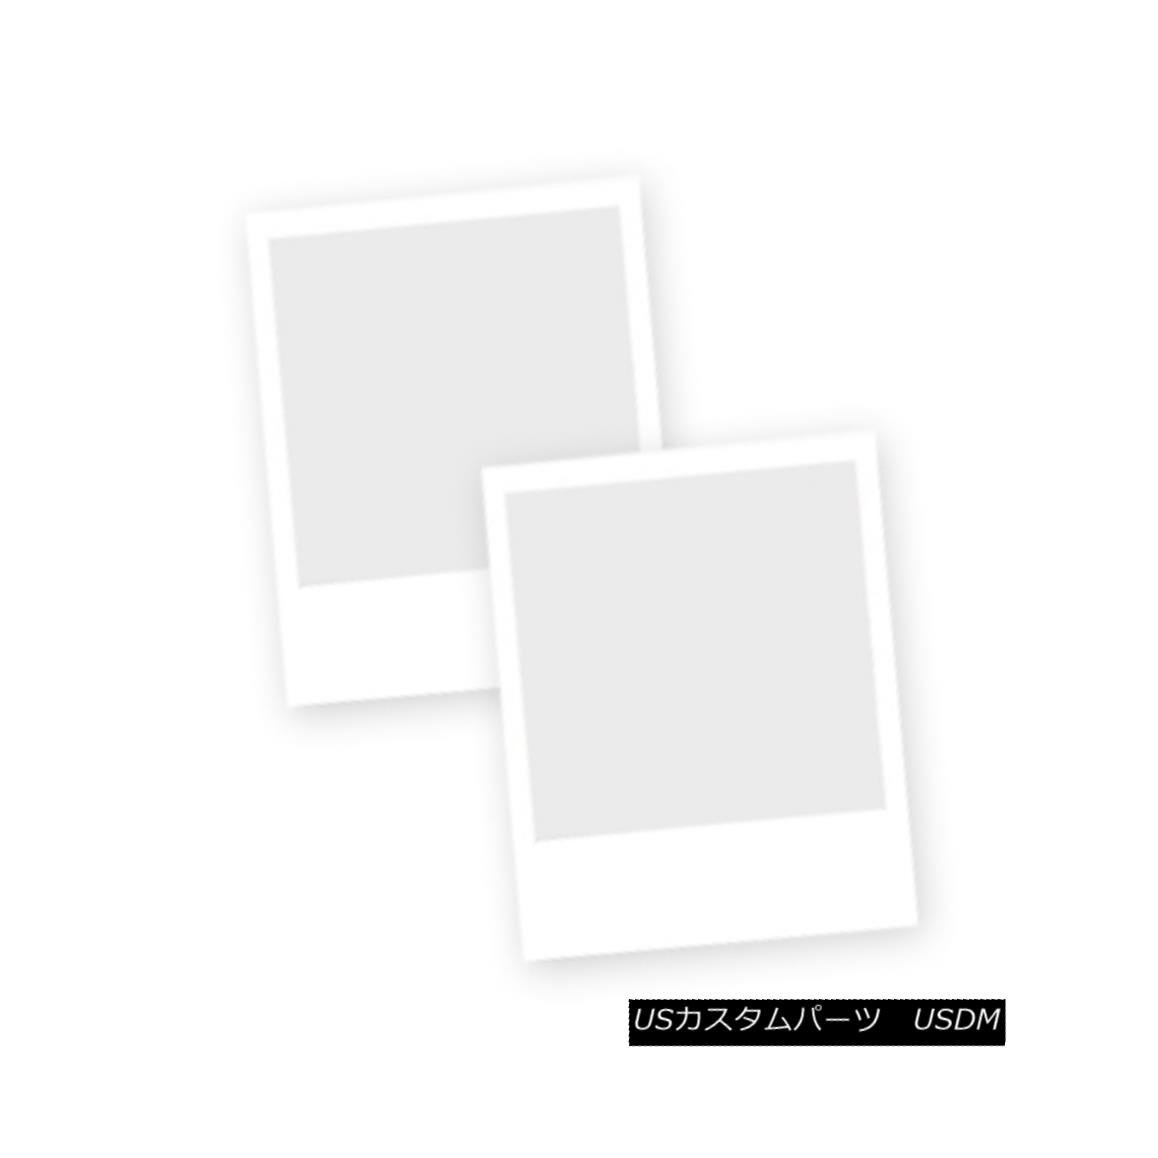 グリル Fits 2015-2016 Chevy 2500HD/ 3500HD Black Billet Grille Insert Combo フィット2015-2016シボレー2500HD / 3500HDブラックビレットグリルインサートコンボ